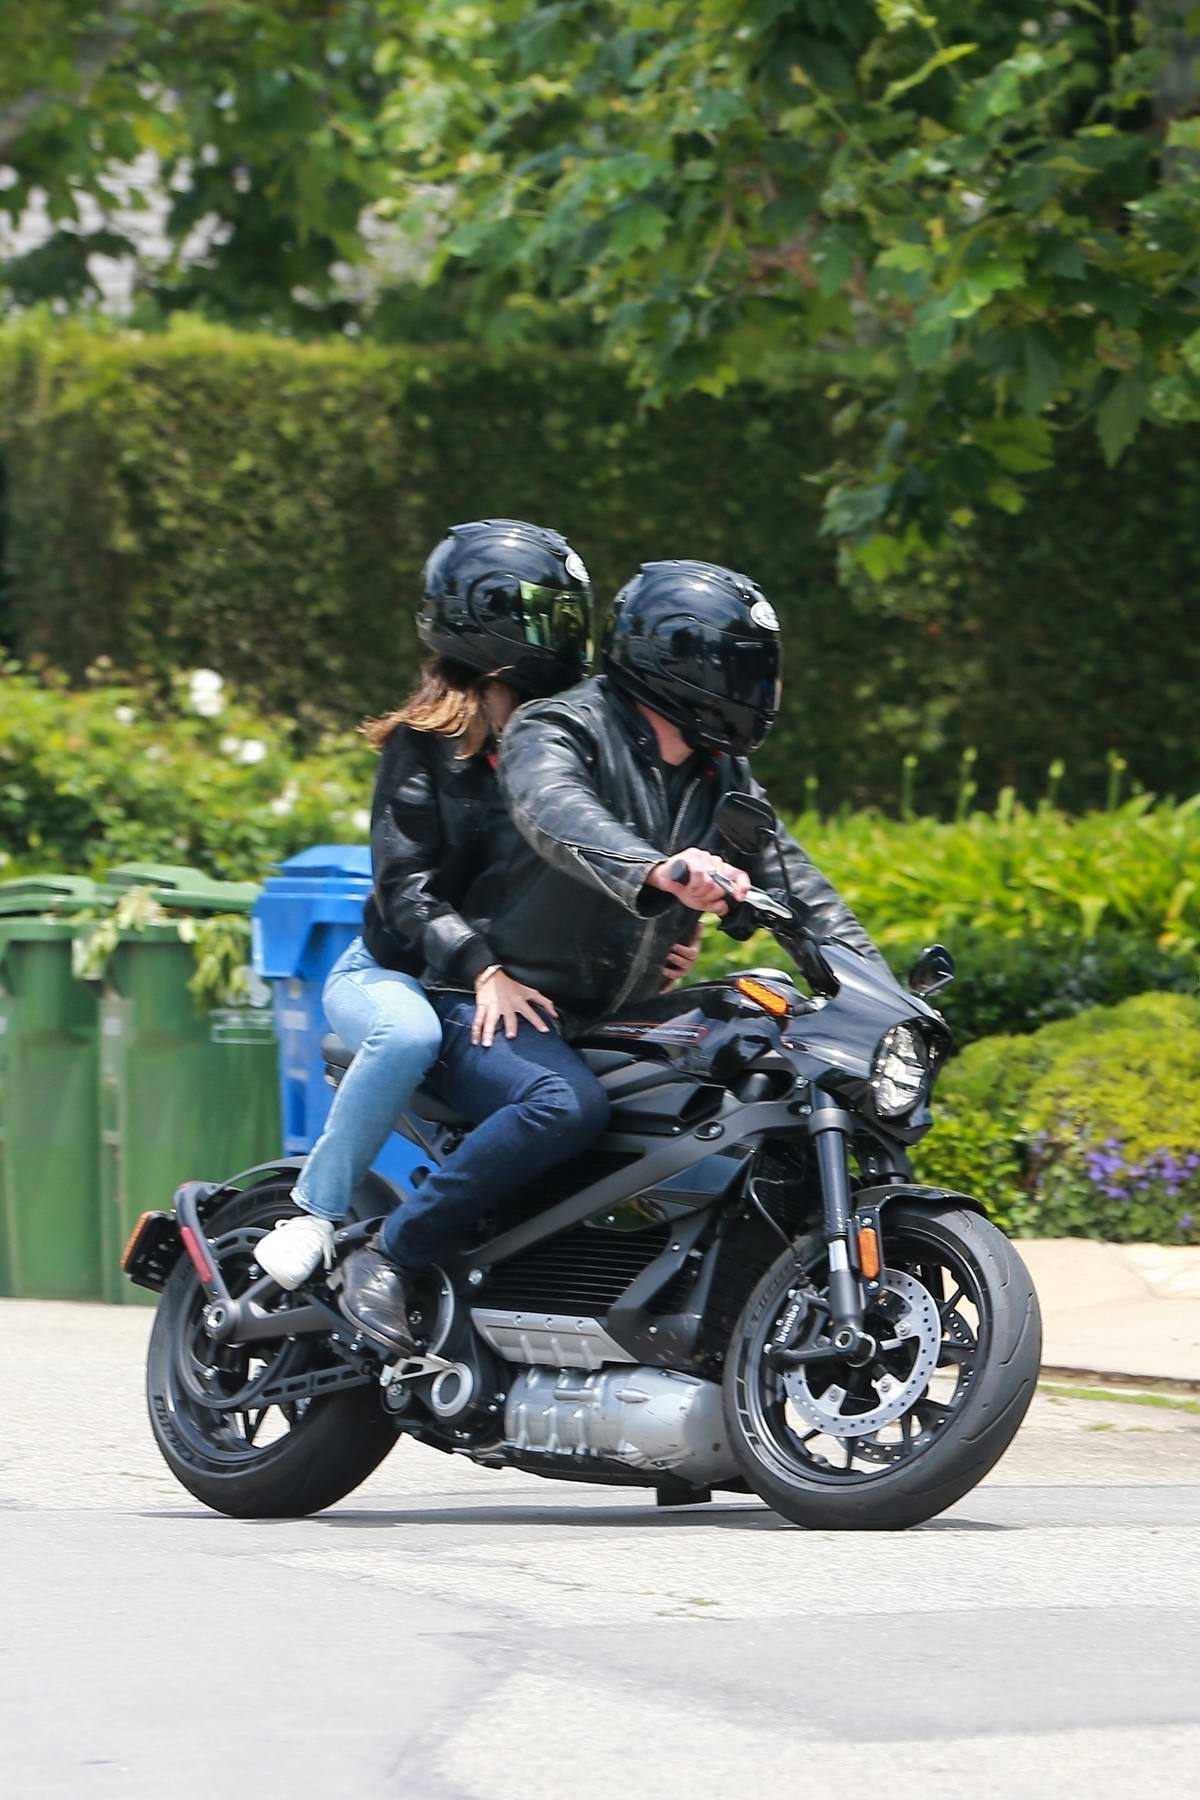 Ana de Armas and Ben Affleck are seen out cruising on his Harley Davidson in Santa Monica, California